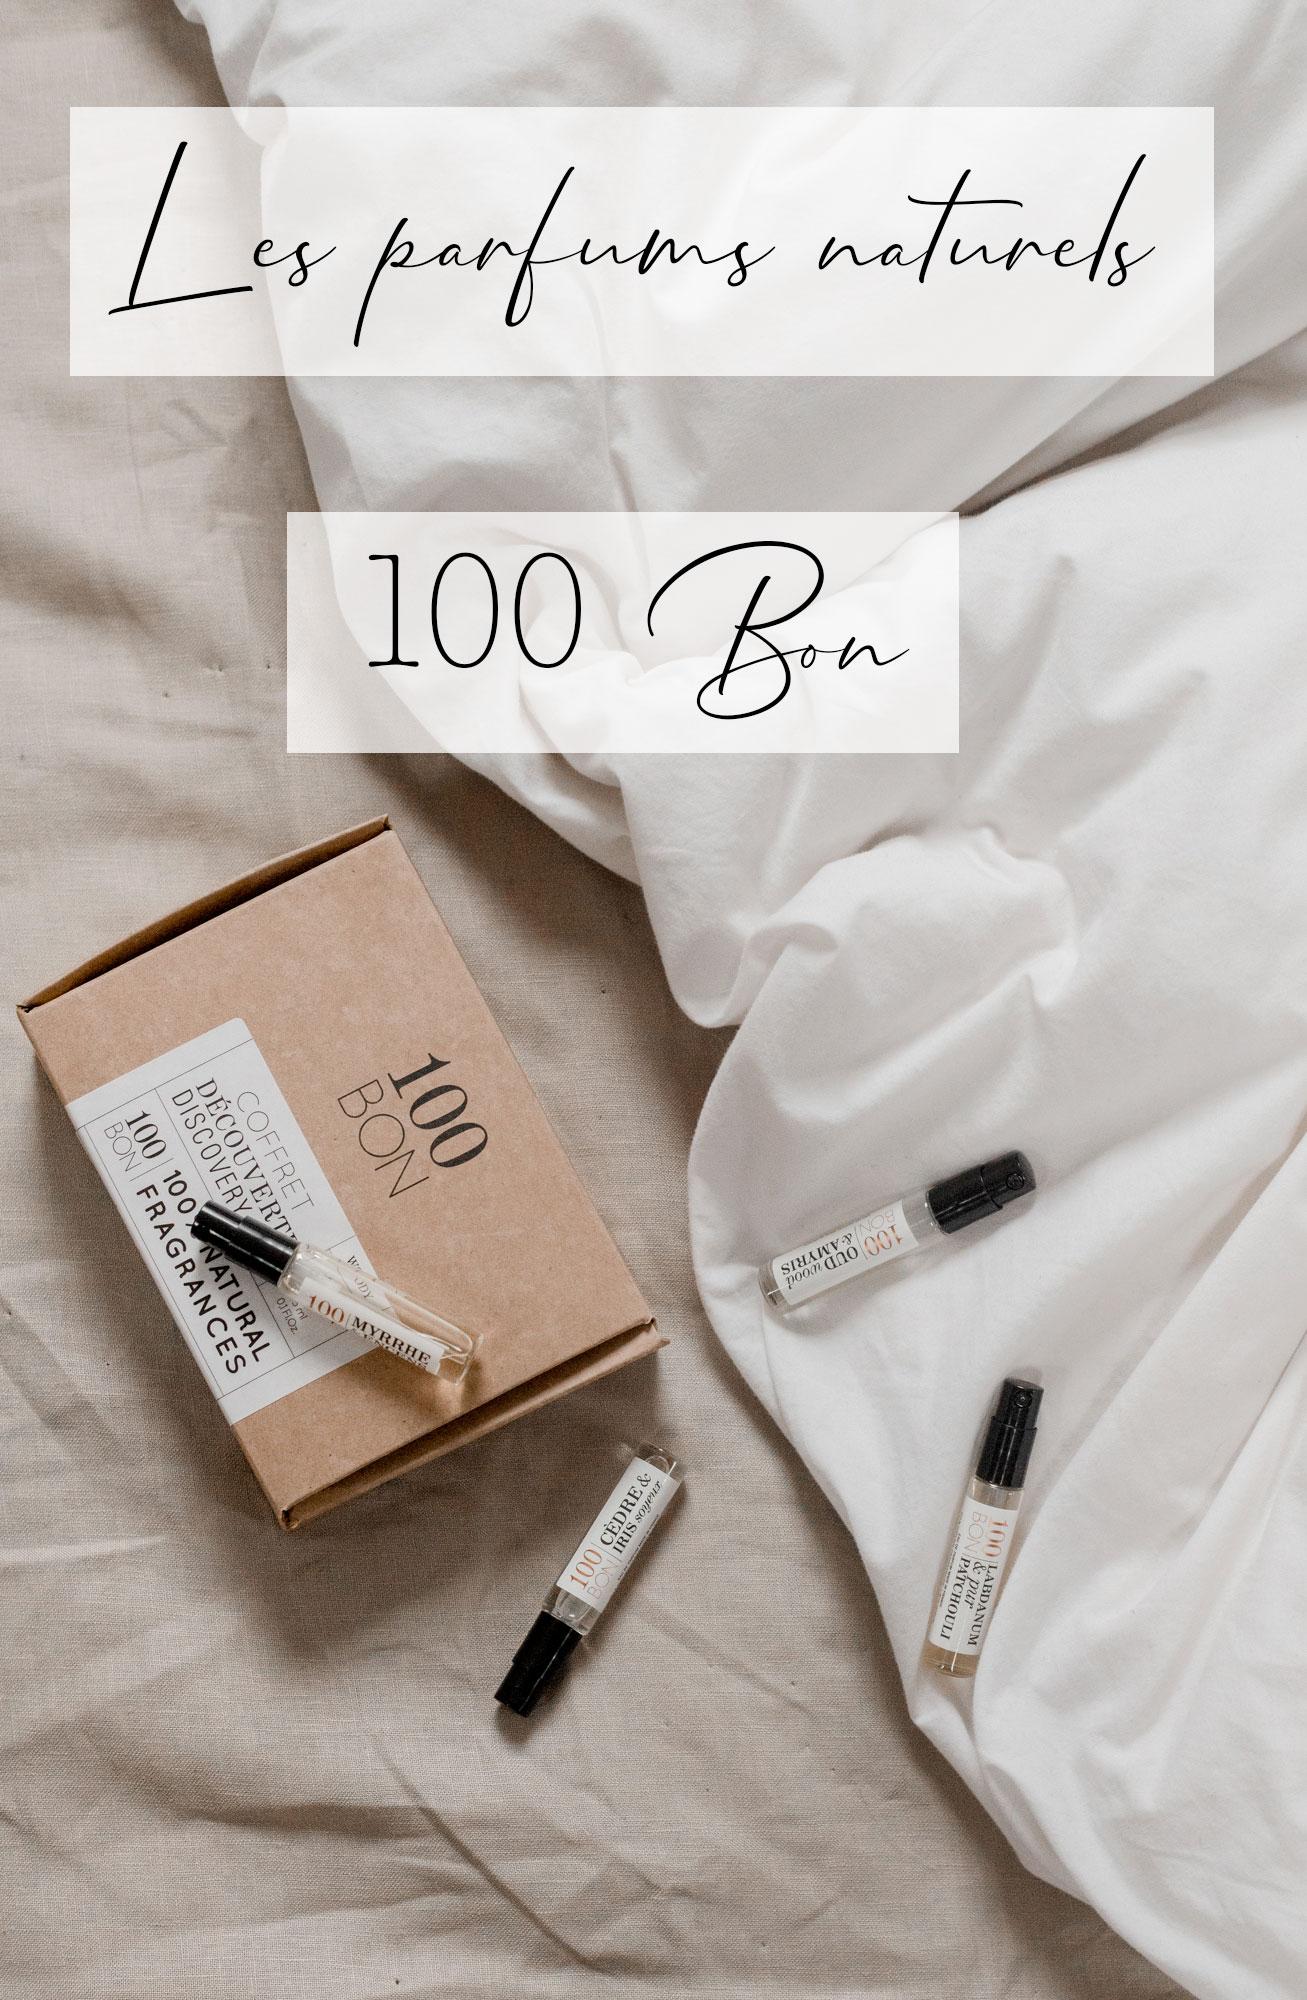 parfums naturels 100 Bon